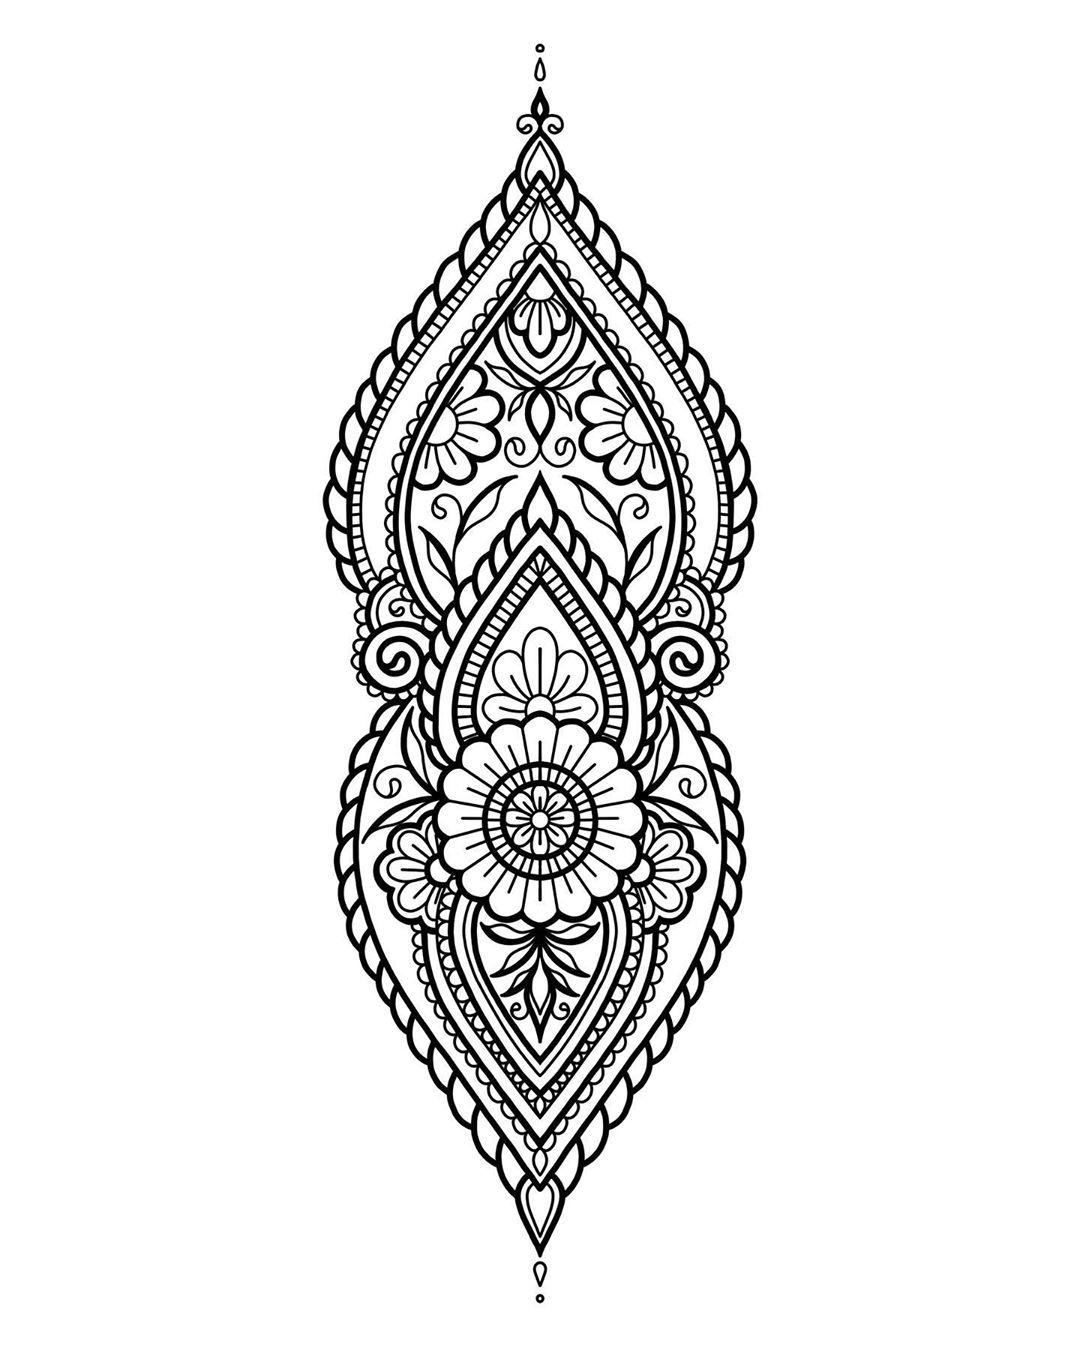 🌿🌸🌿 • • • • • • #tattoos #tattoo #ink #inked #tattooartist #tattooed #art #tattooart #tattoolife #tattooing #tattooist #artist #tattooer #tattooideas #blackandgreytattoo #tattoostyle #love #girlswithtattoos #blackwork #inkedgirls #tattoodesign #inkedup #tatuajes #tattooink #instagood #blackandgrey #tattoomodel #tatuaje #tattoostudio #bhfyp